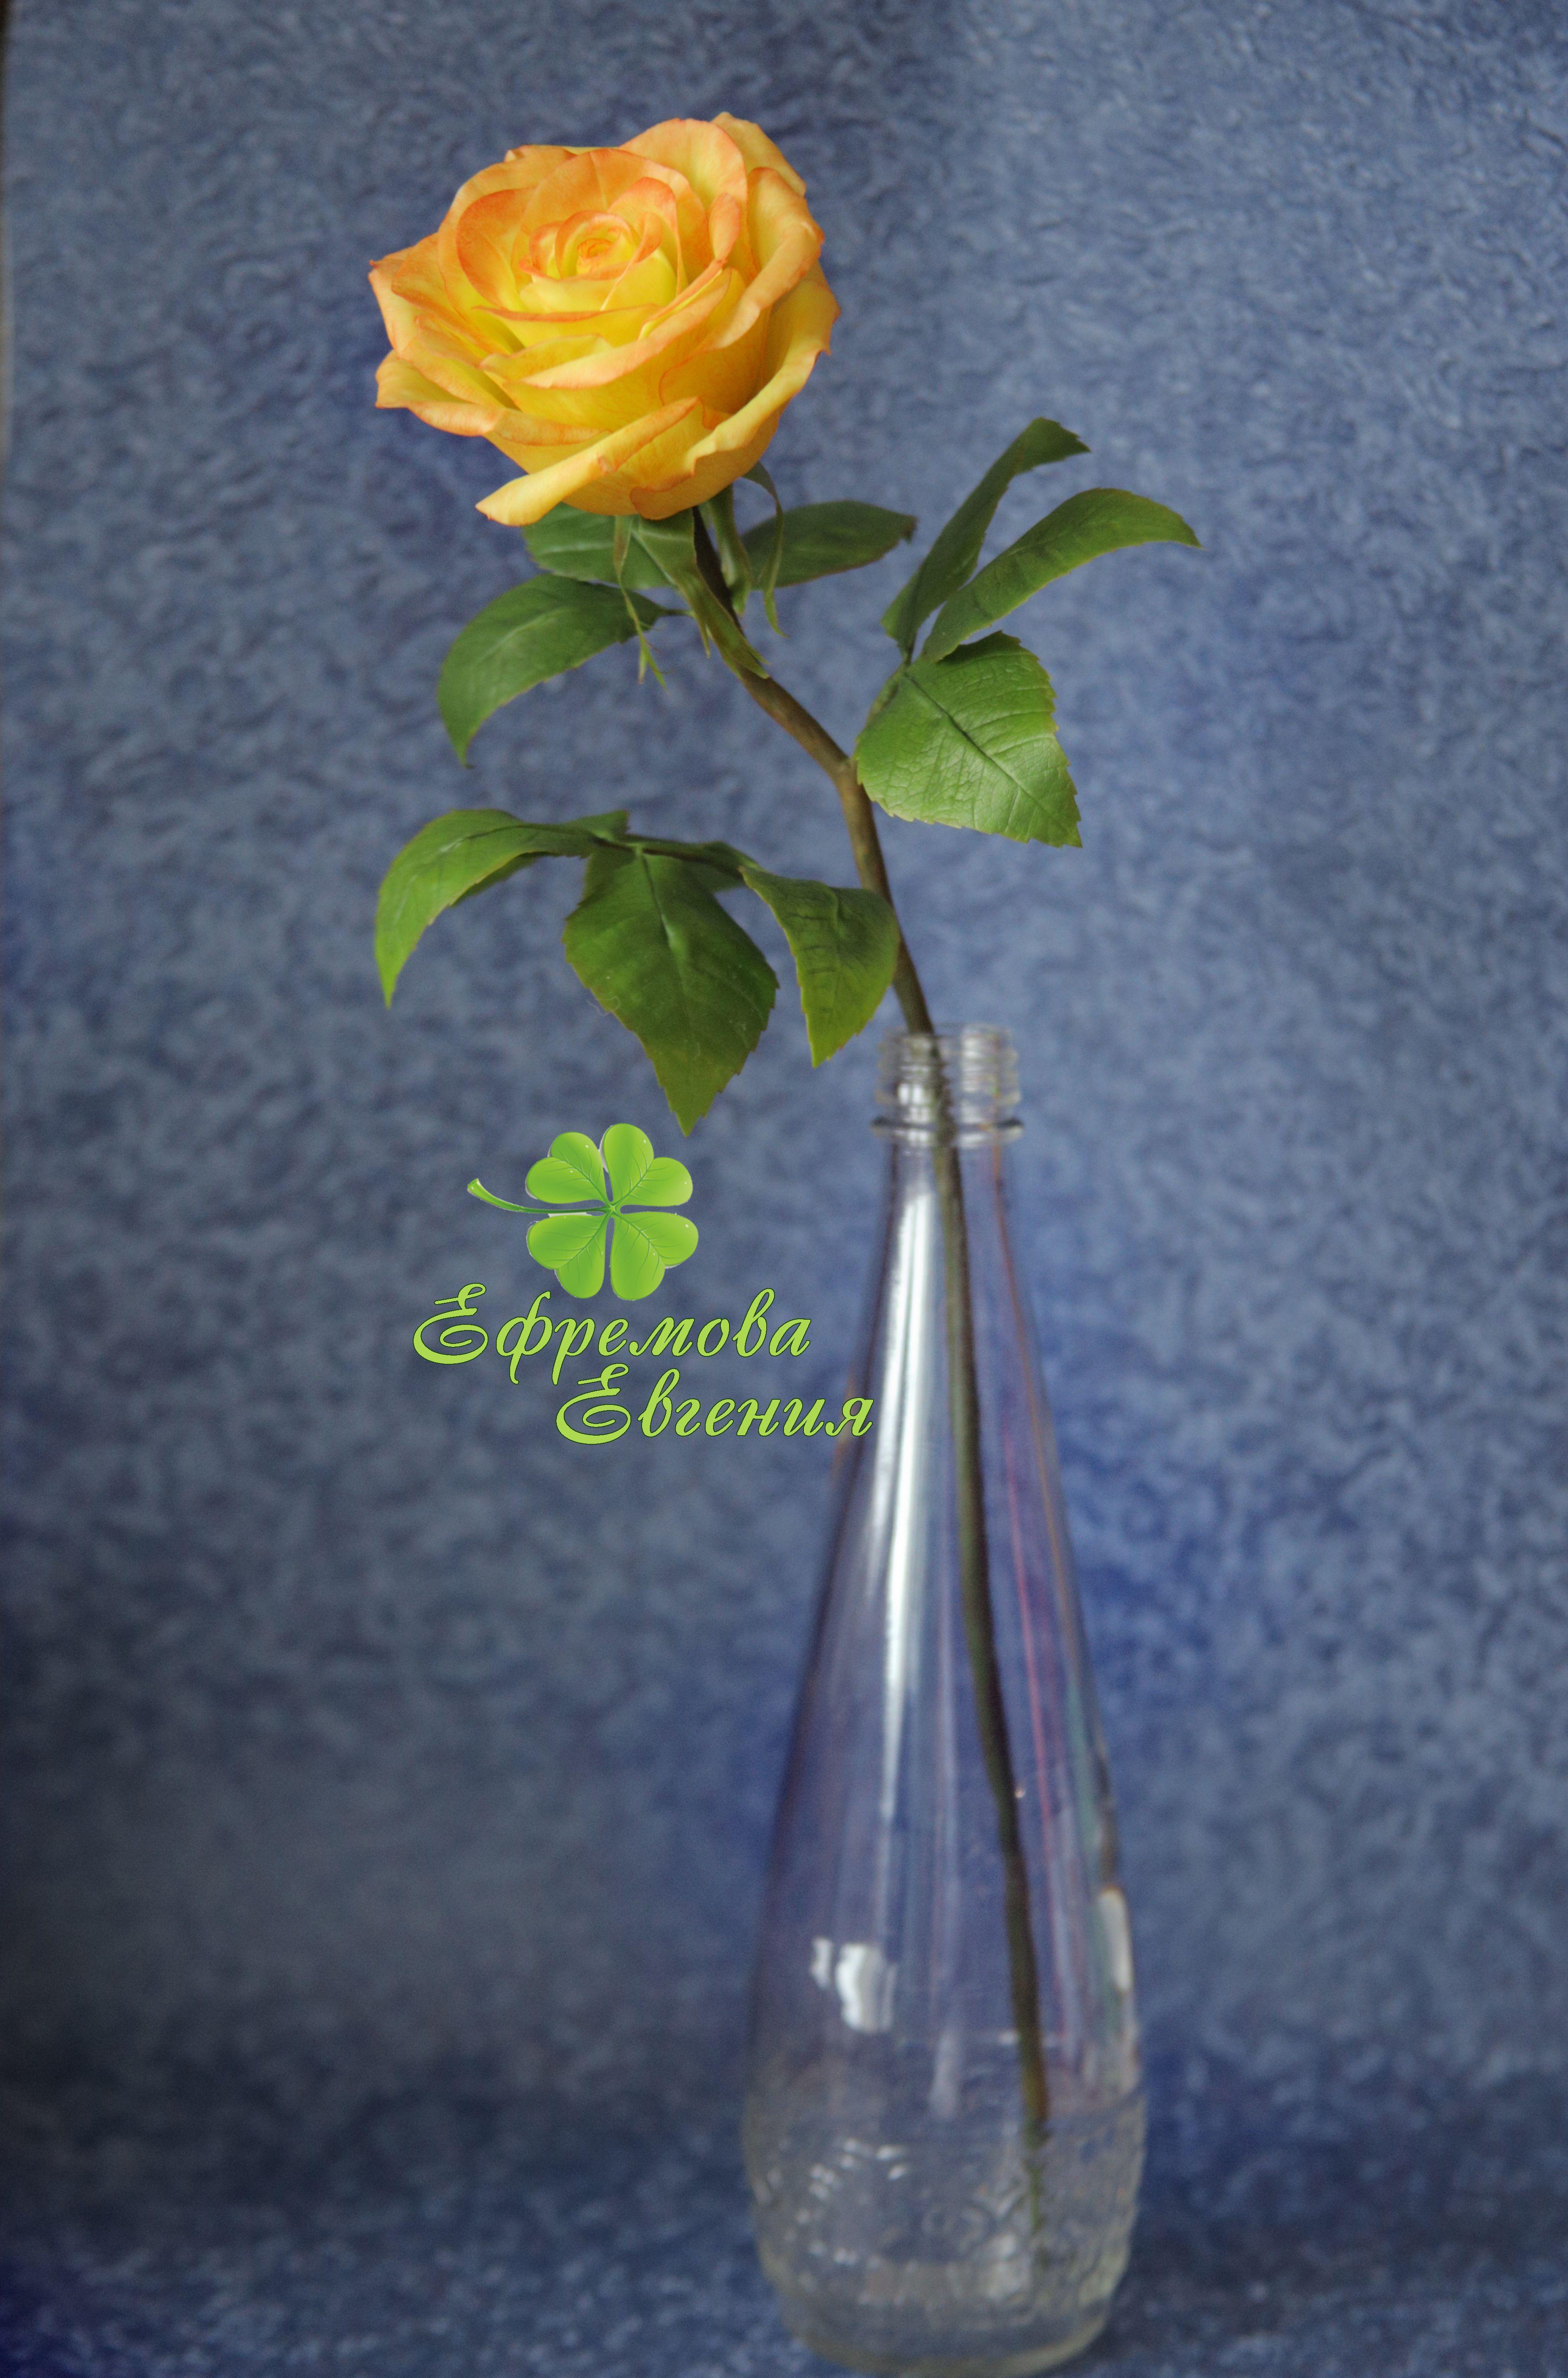 подарокдевушке лепкацветов керамическаяфлористика розаизхолодногофафора полноразмернаяроза искусственнаяроза роза подарок